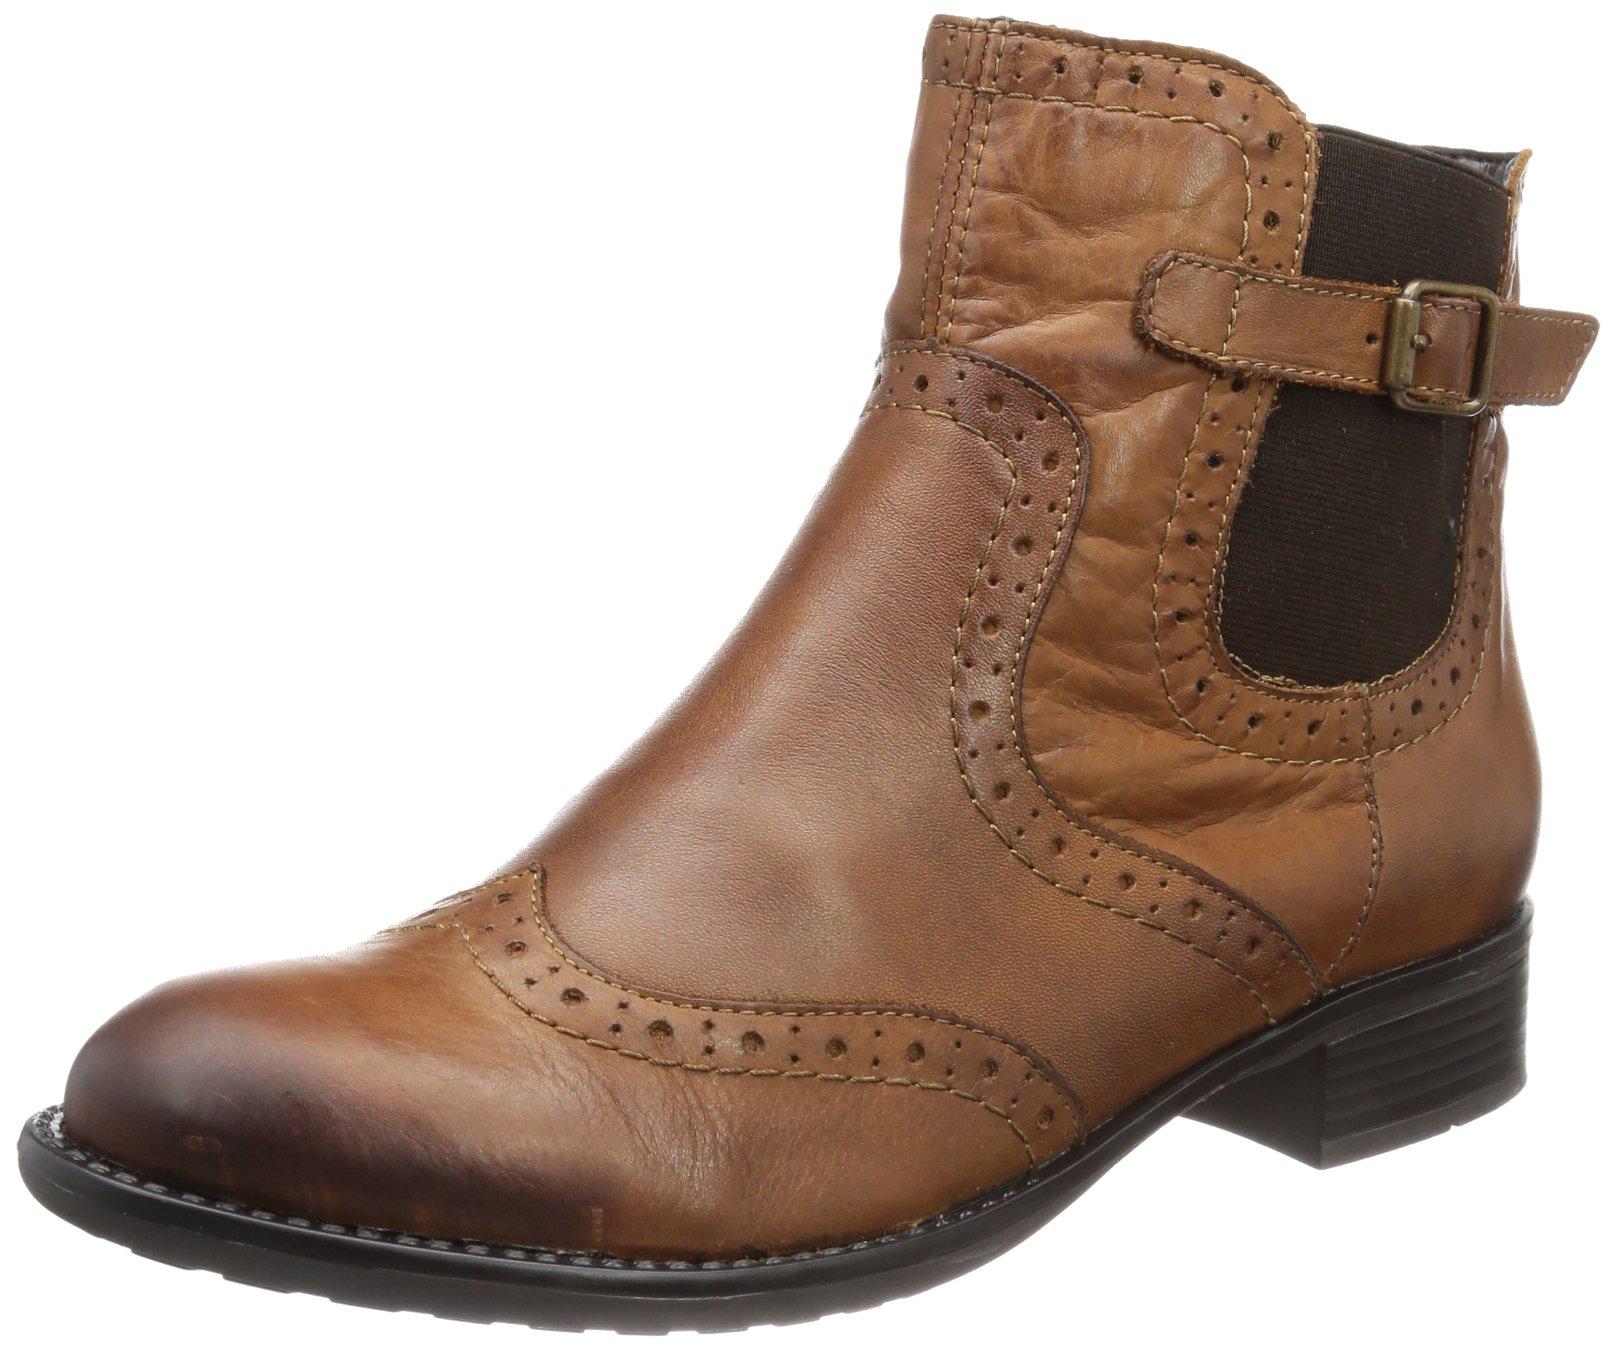 Remonte Women's Half Boots Muscat Brown Leder Uniform Dress Shoes 38